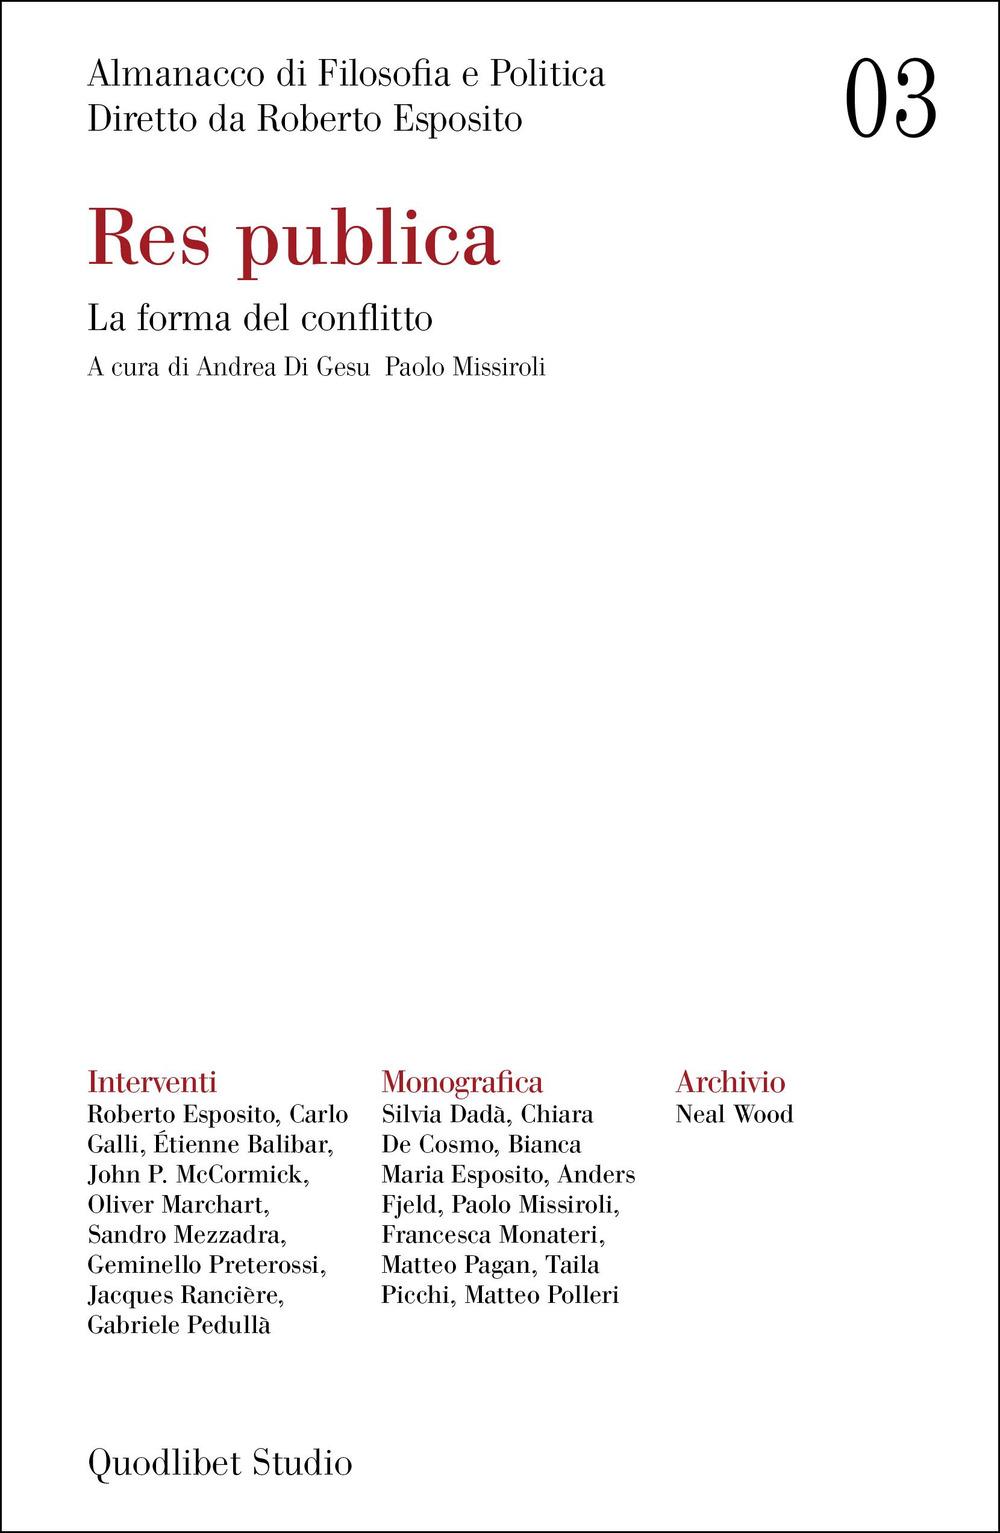 ALMANACCO DI FILOSOFIA E POLITICA (2021) - 9788822906403